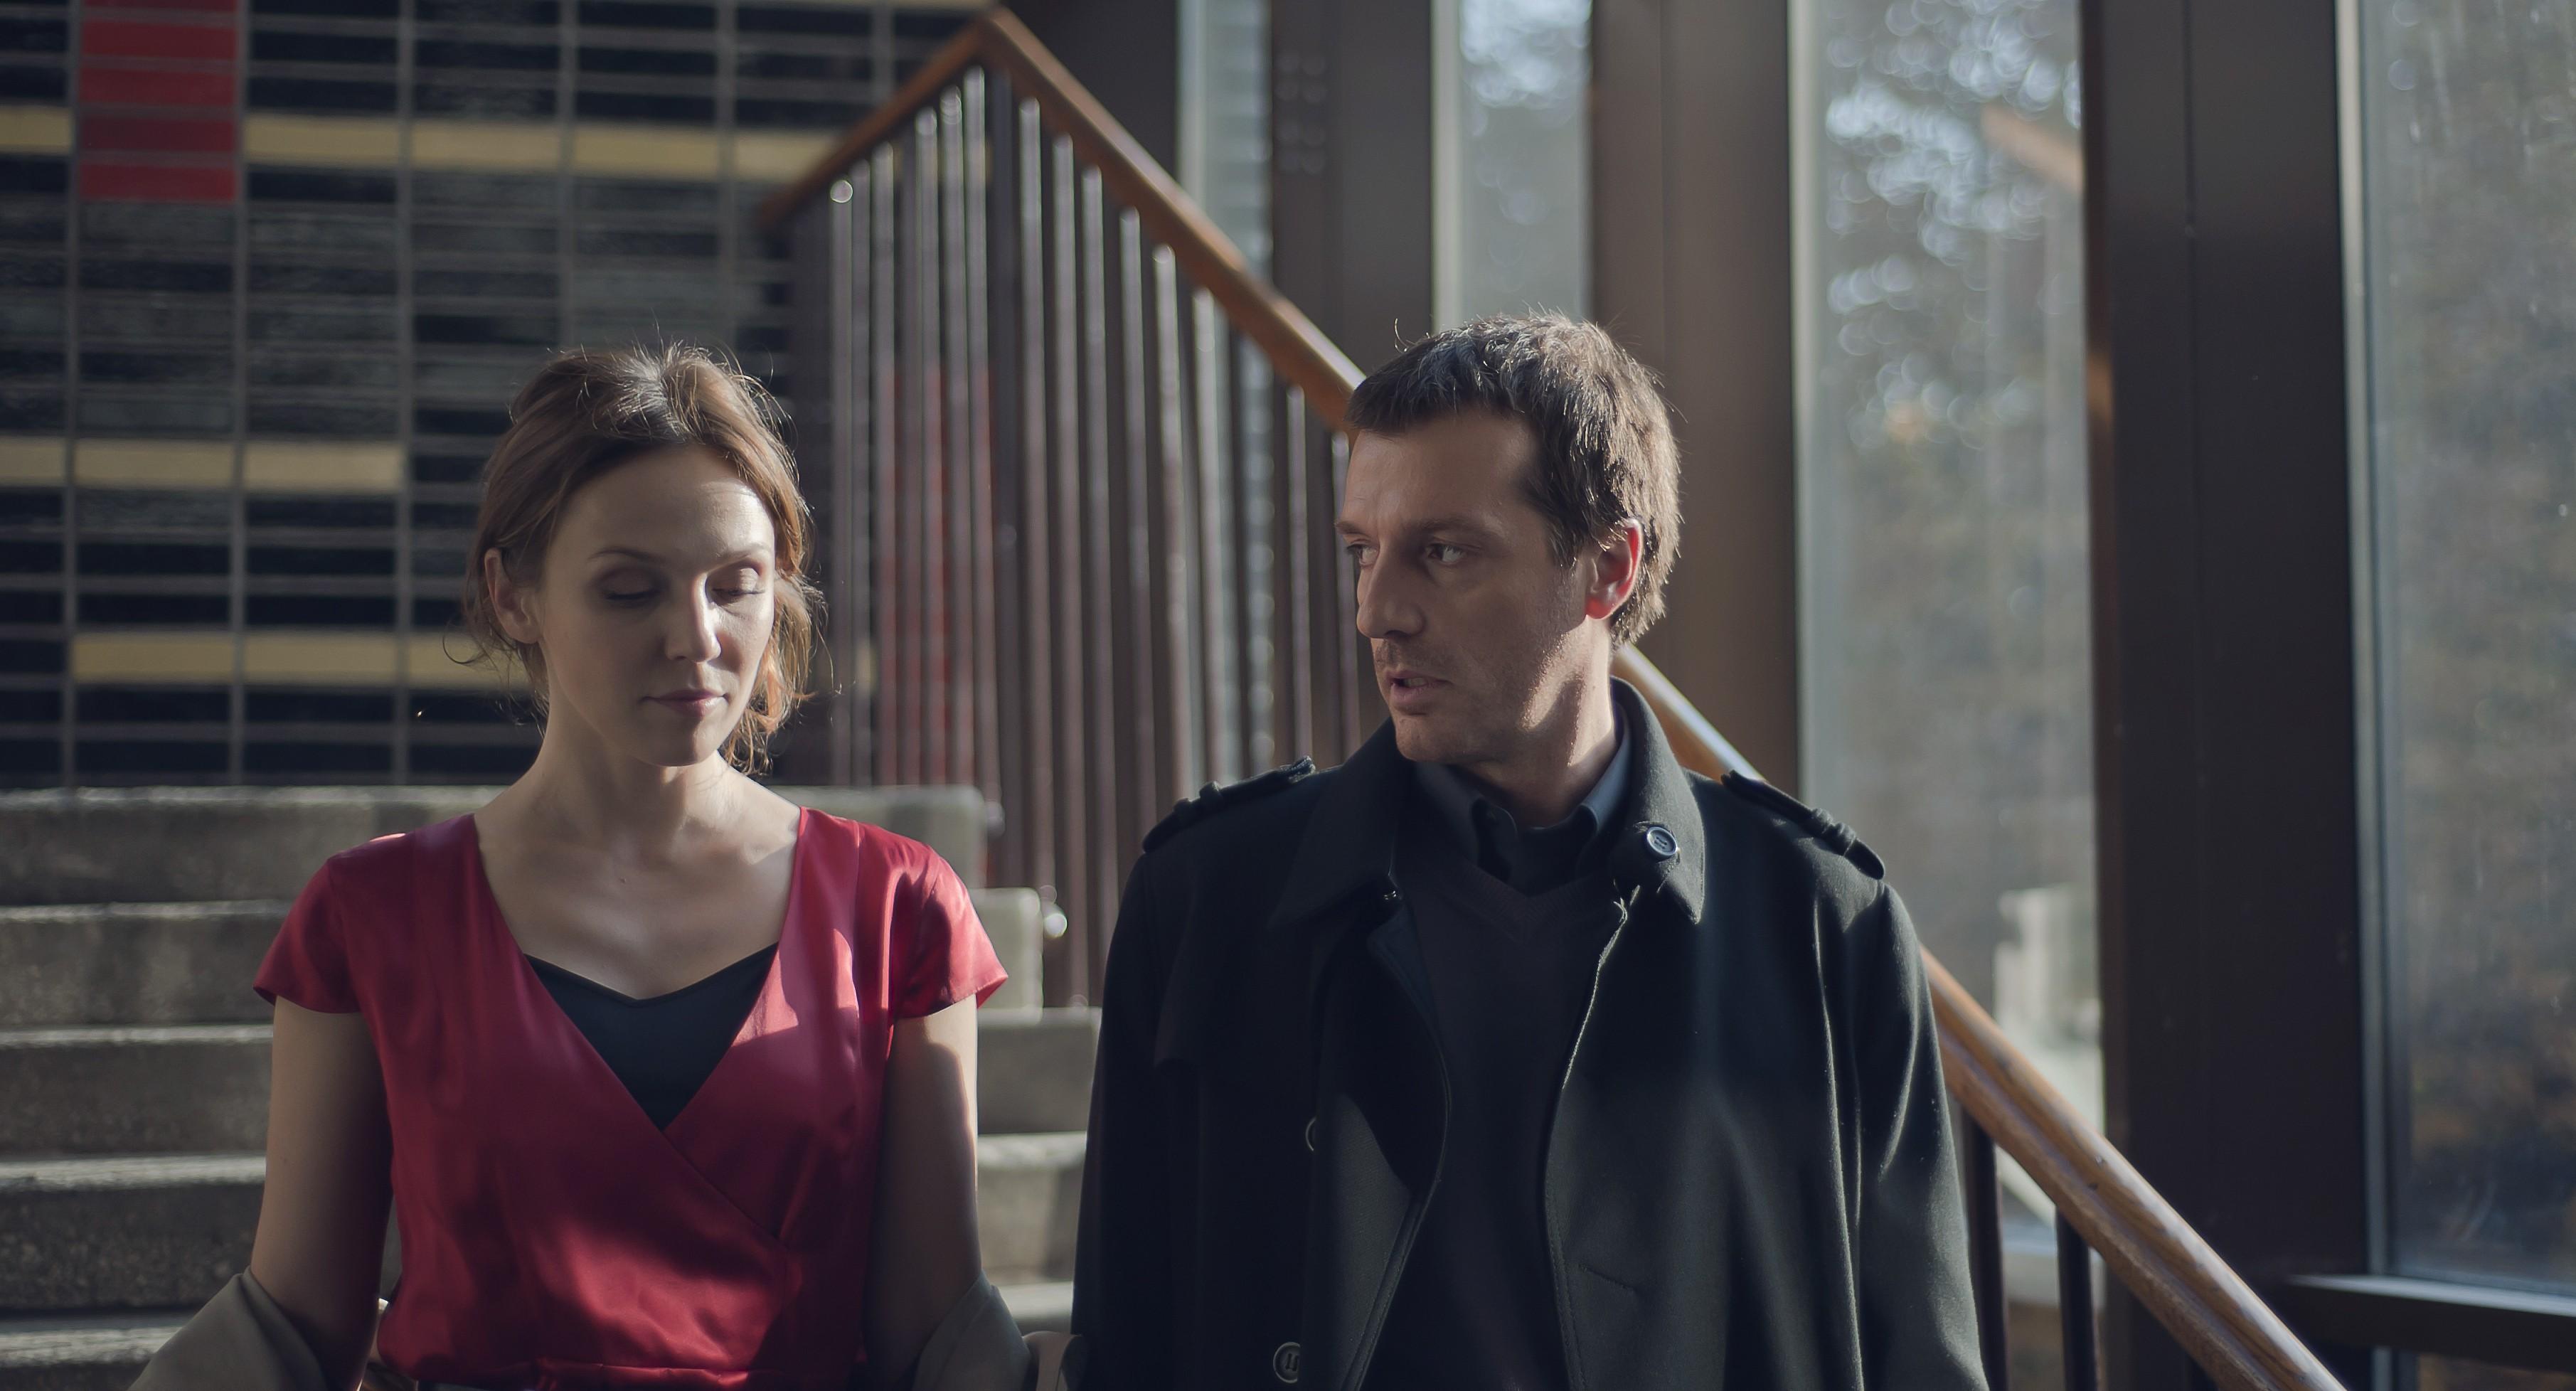 Кино: измена, 2012